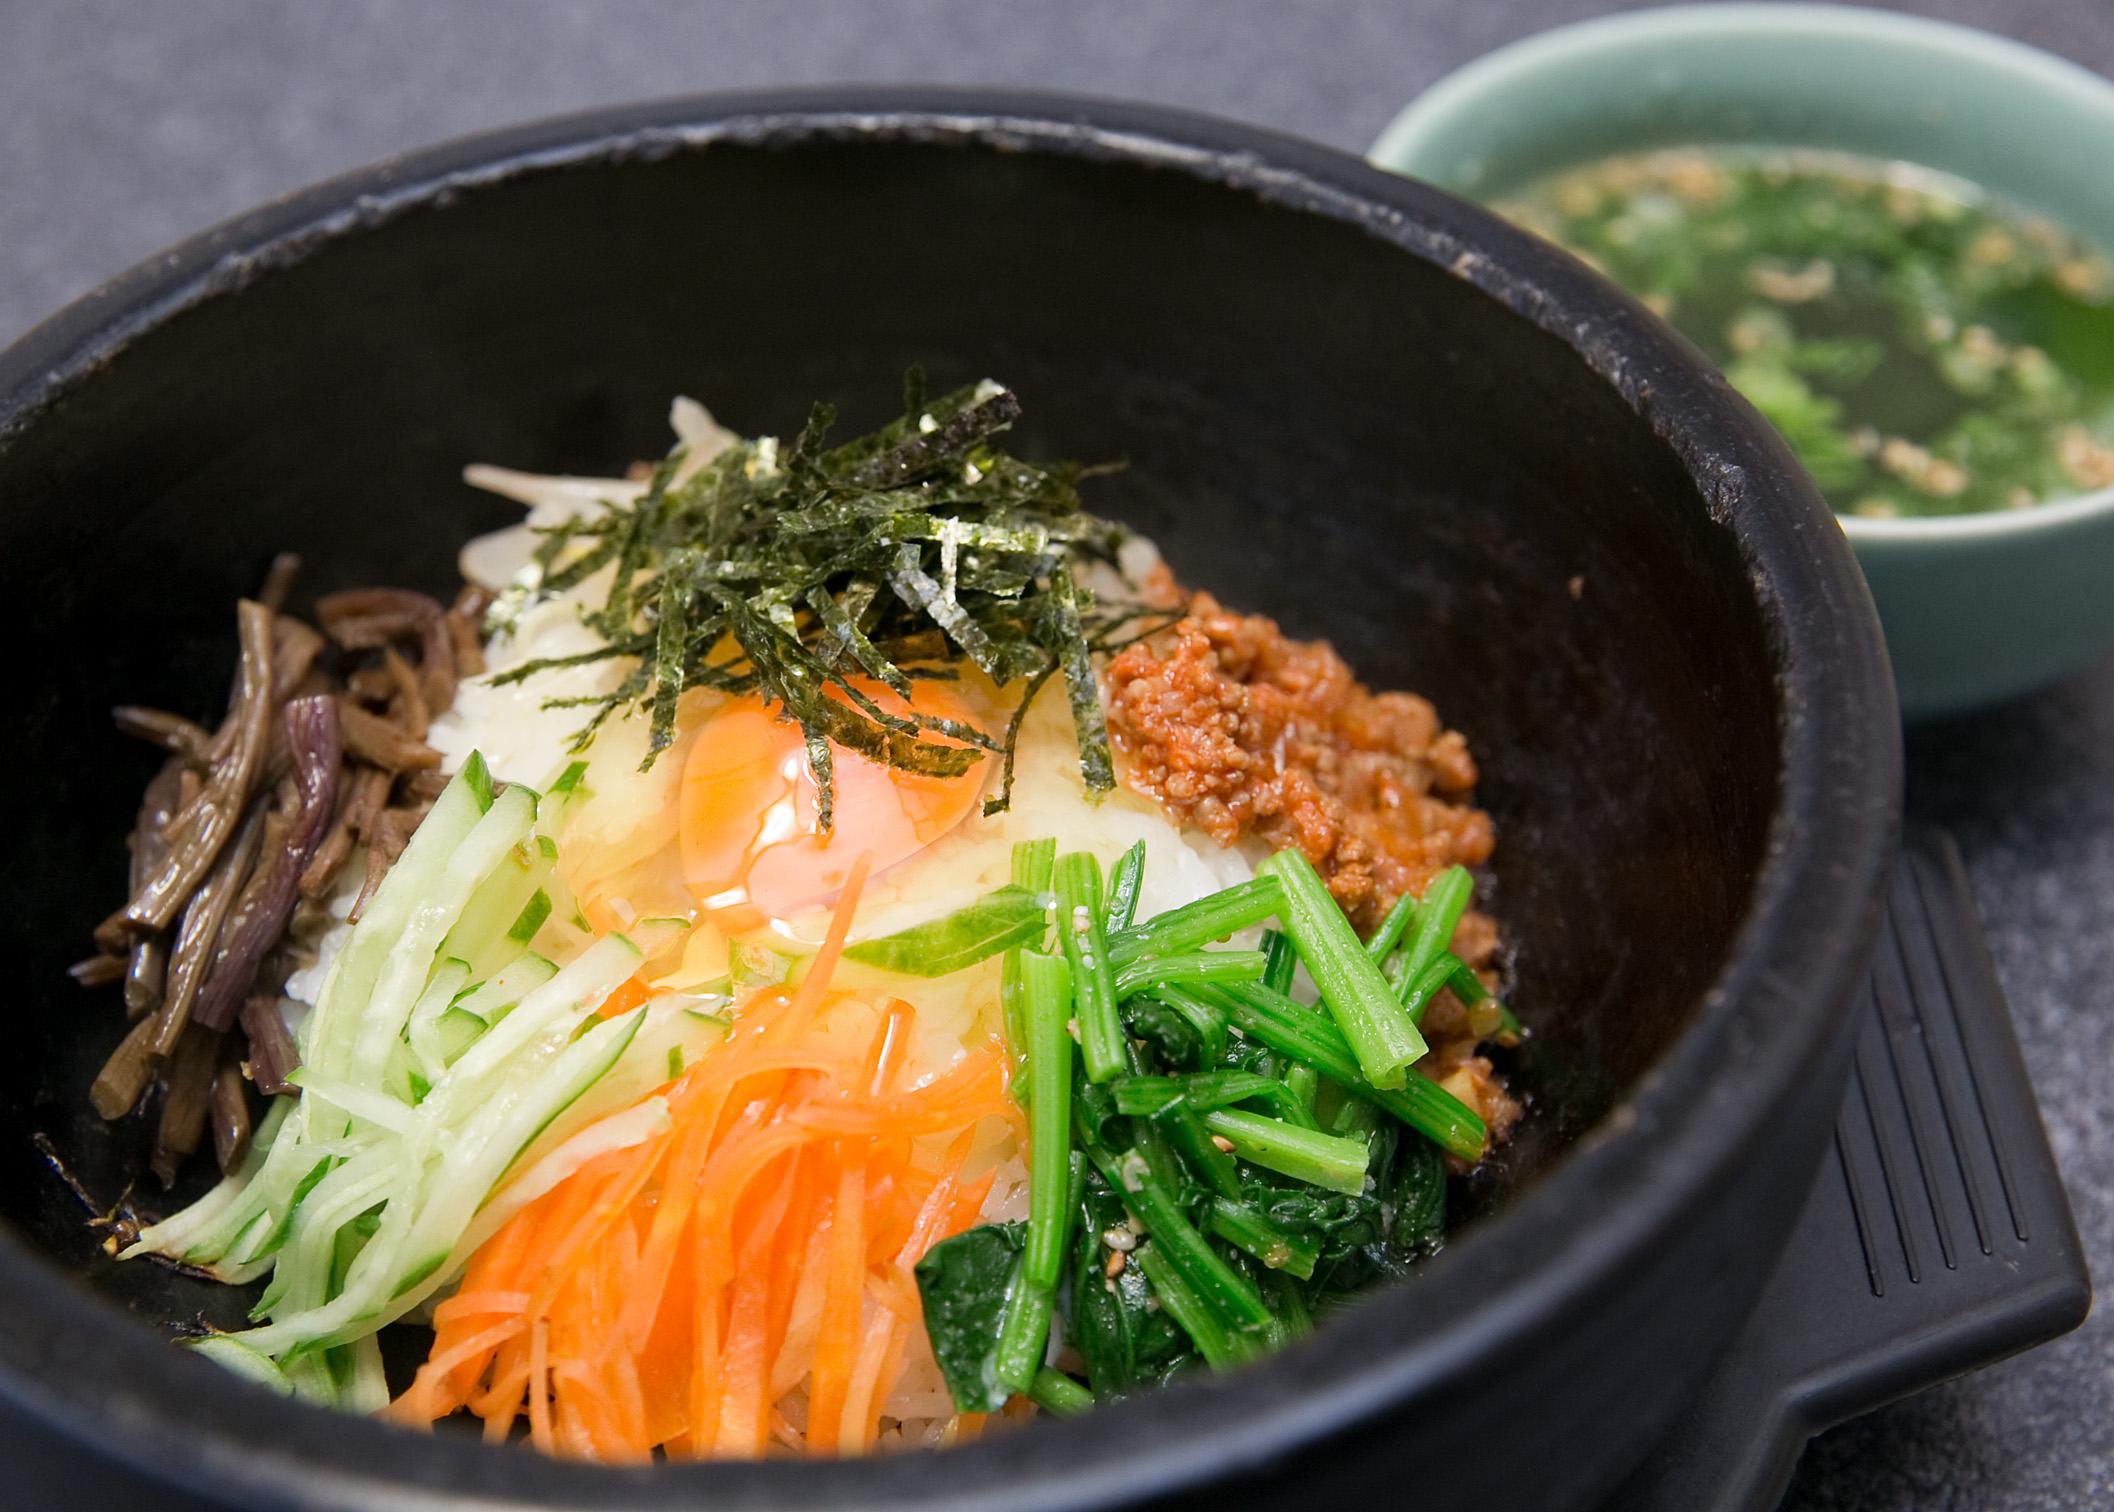 お店の一番人気!本場韓国の石焼きビビンバが堪能できます。熱々の石鍋に、特製肉味噌と自家製コチジャンの芳ばしい香りが食欲をそそります。